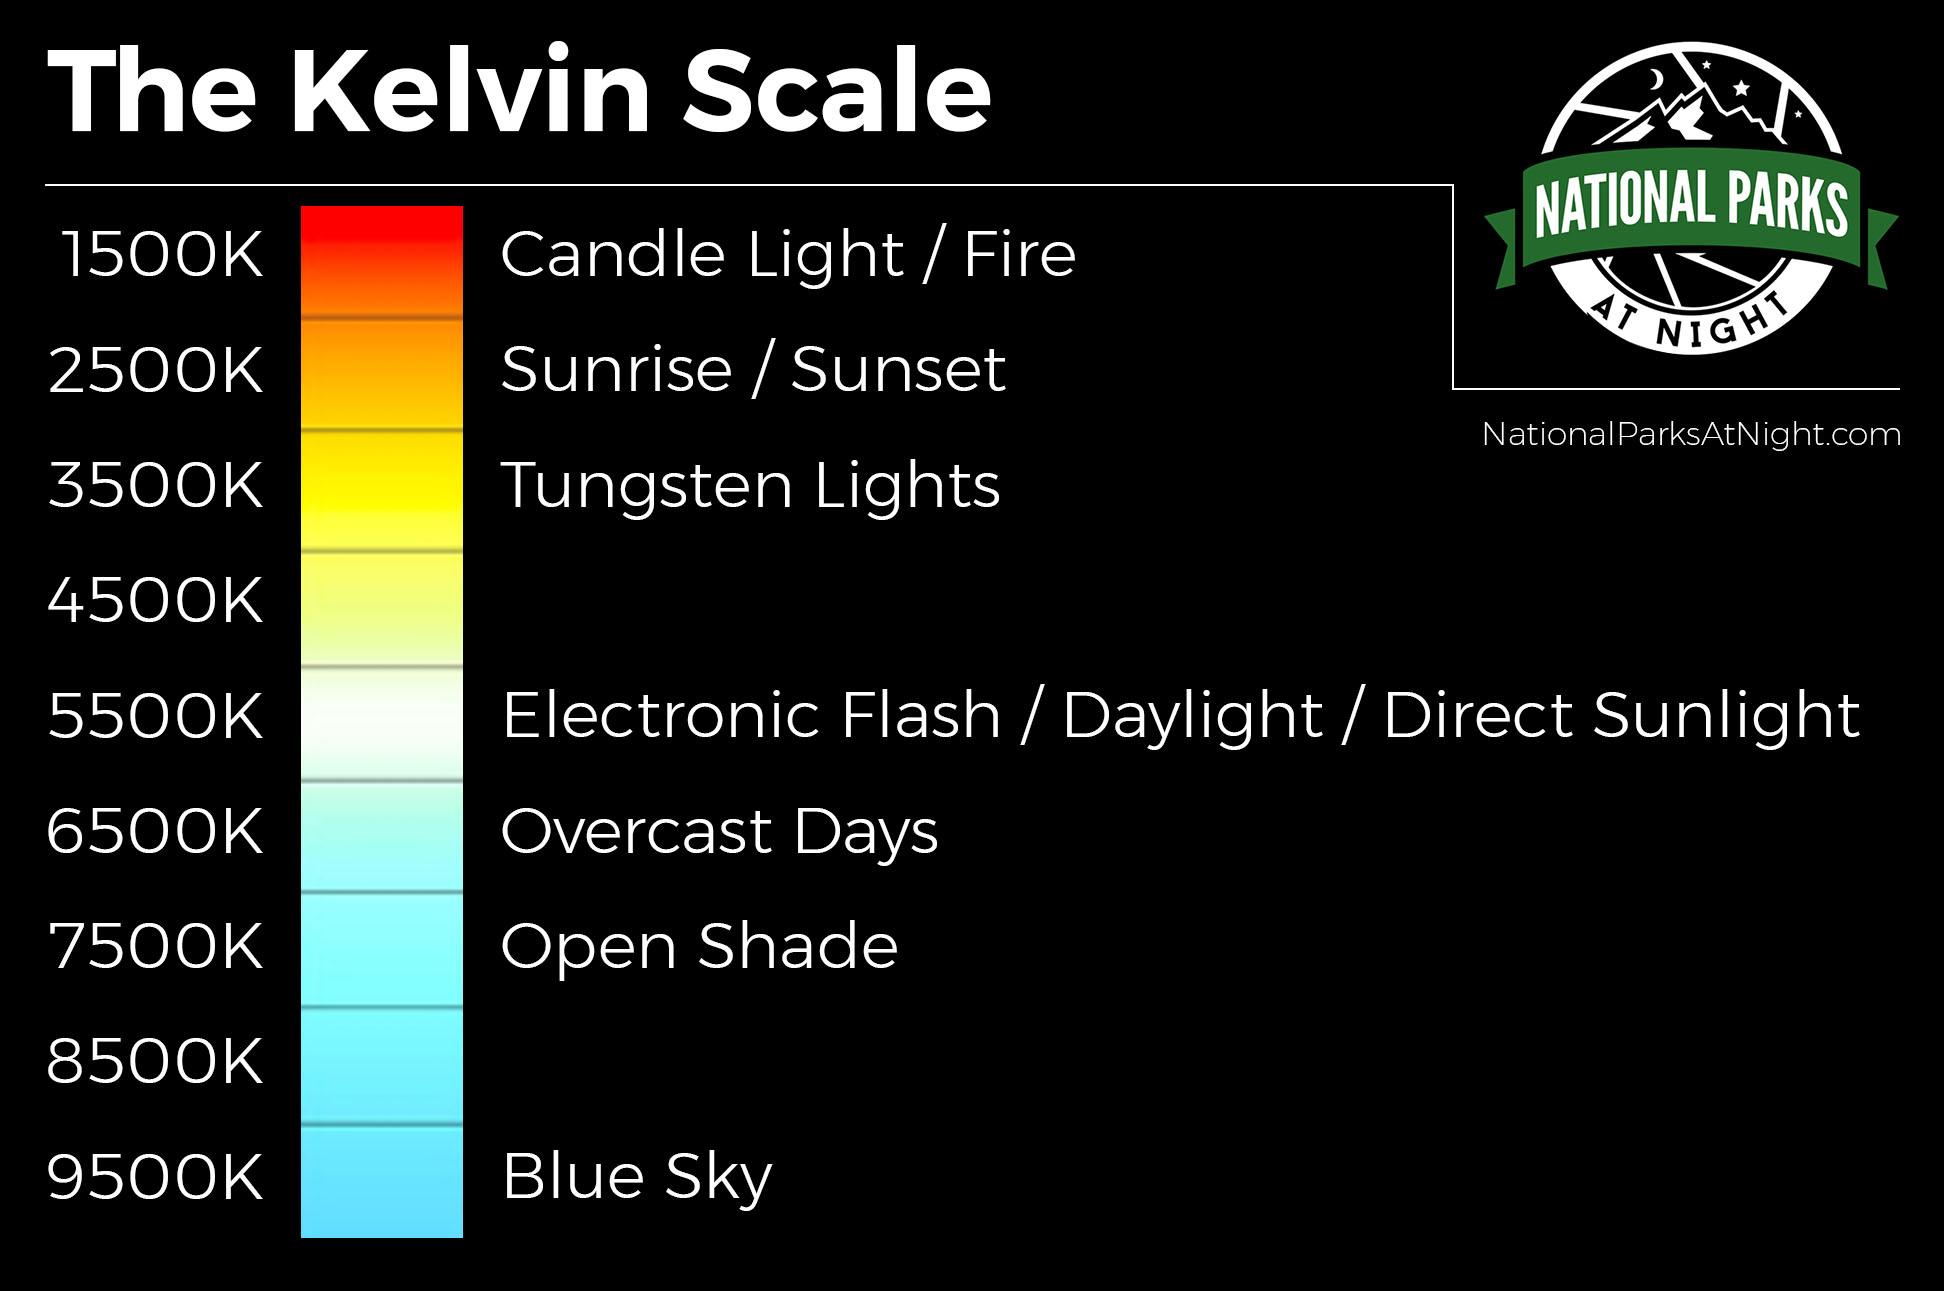 KelvinScale.jpg